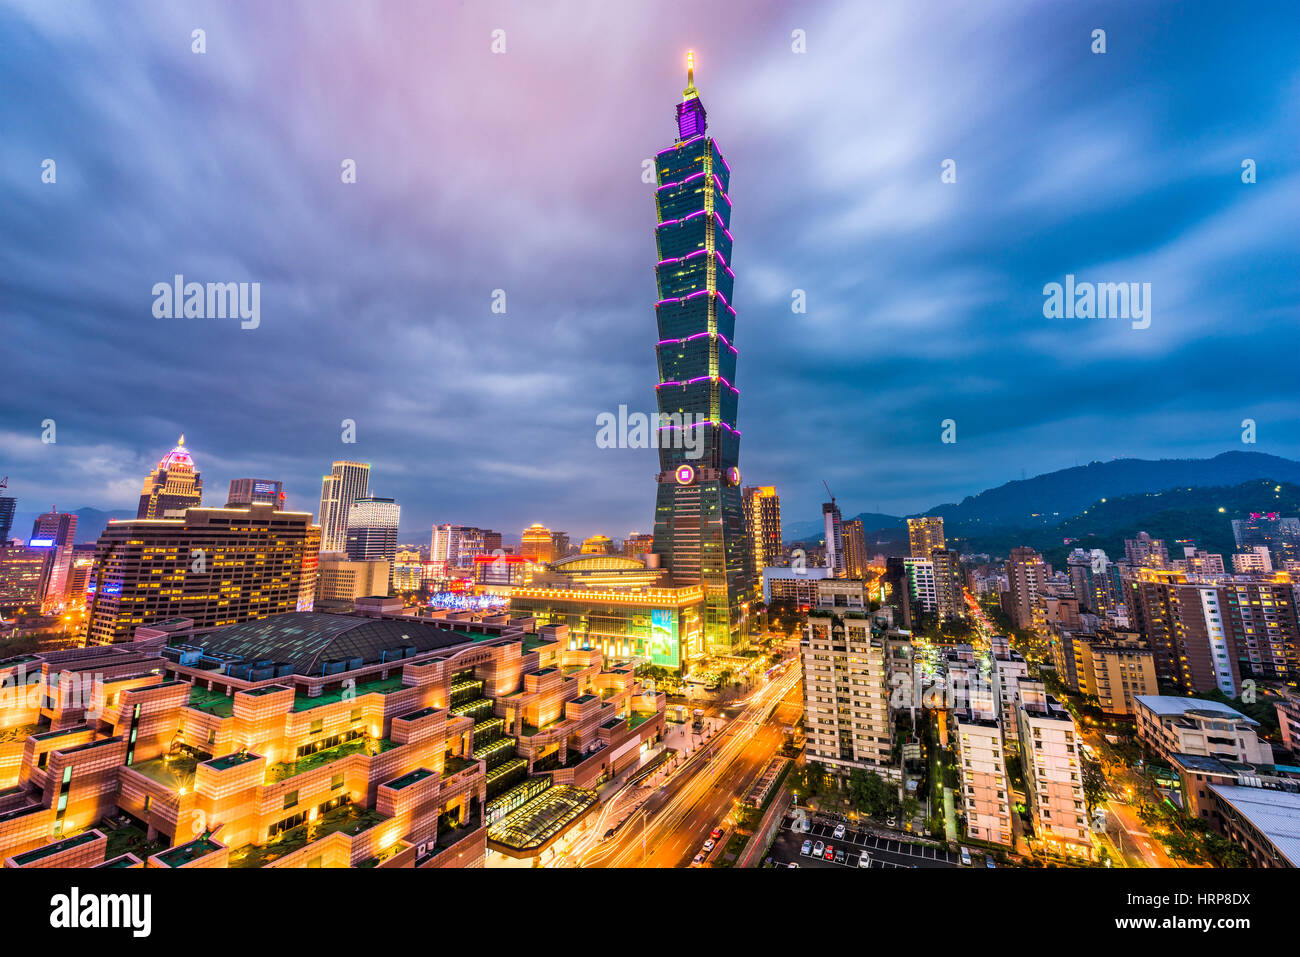 Taipei, Taiwan downtown skyline. - Stock Image